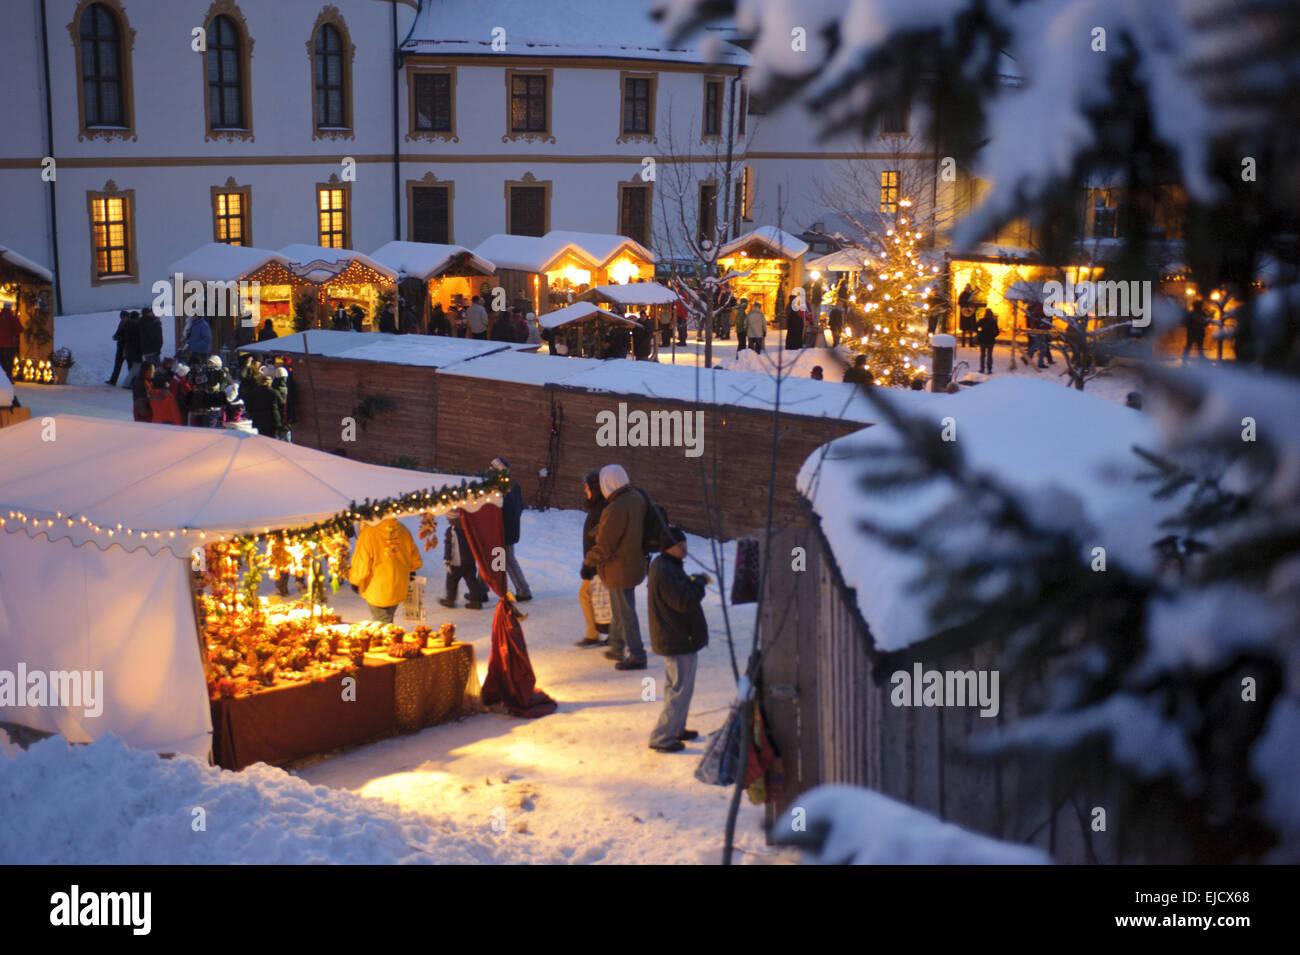 Mercatino di Natale in Baviera, Germania Immagini Stock